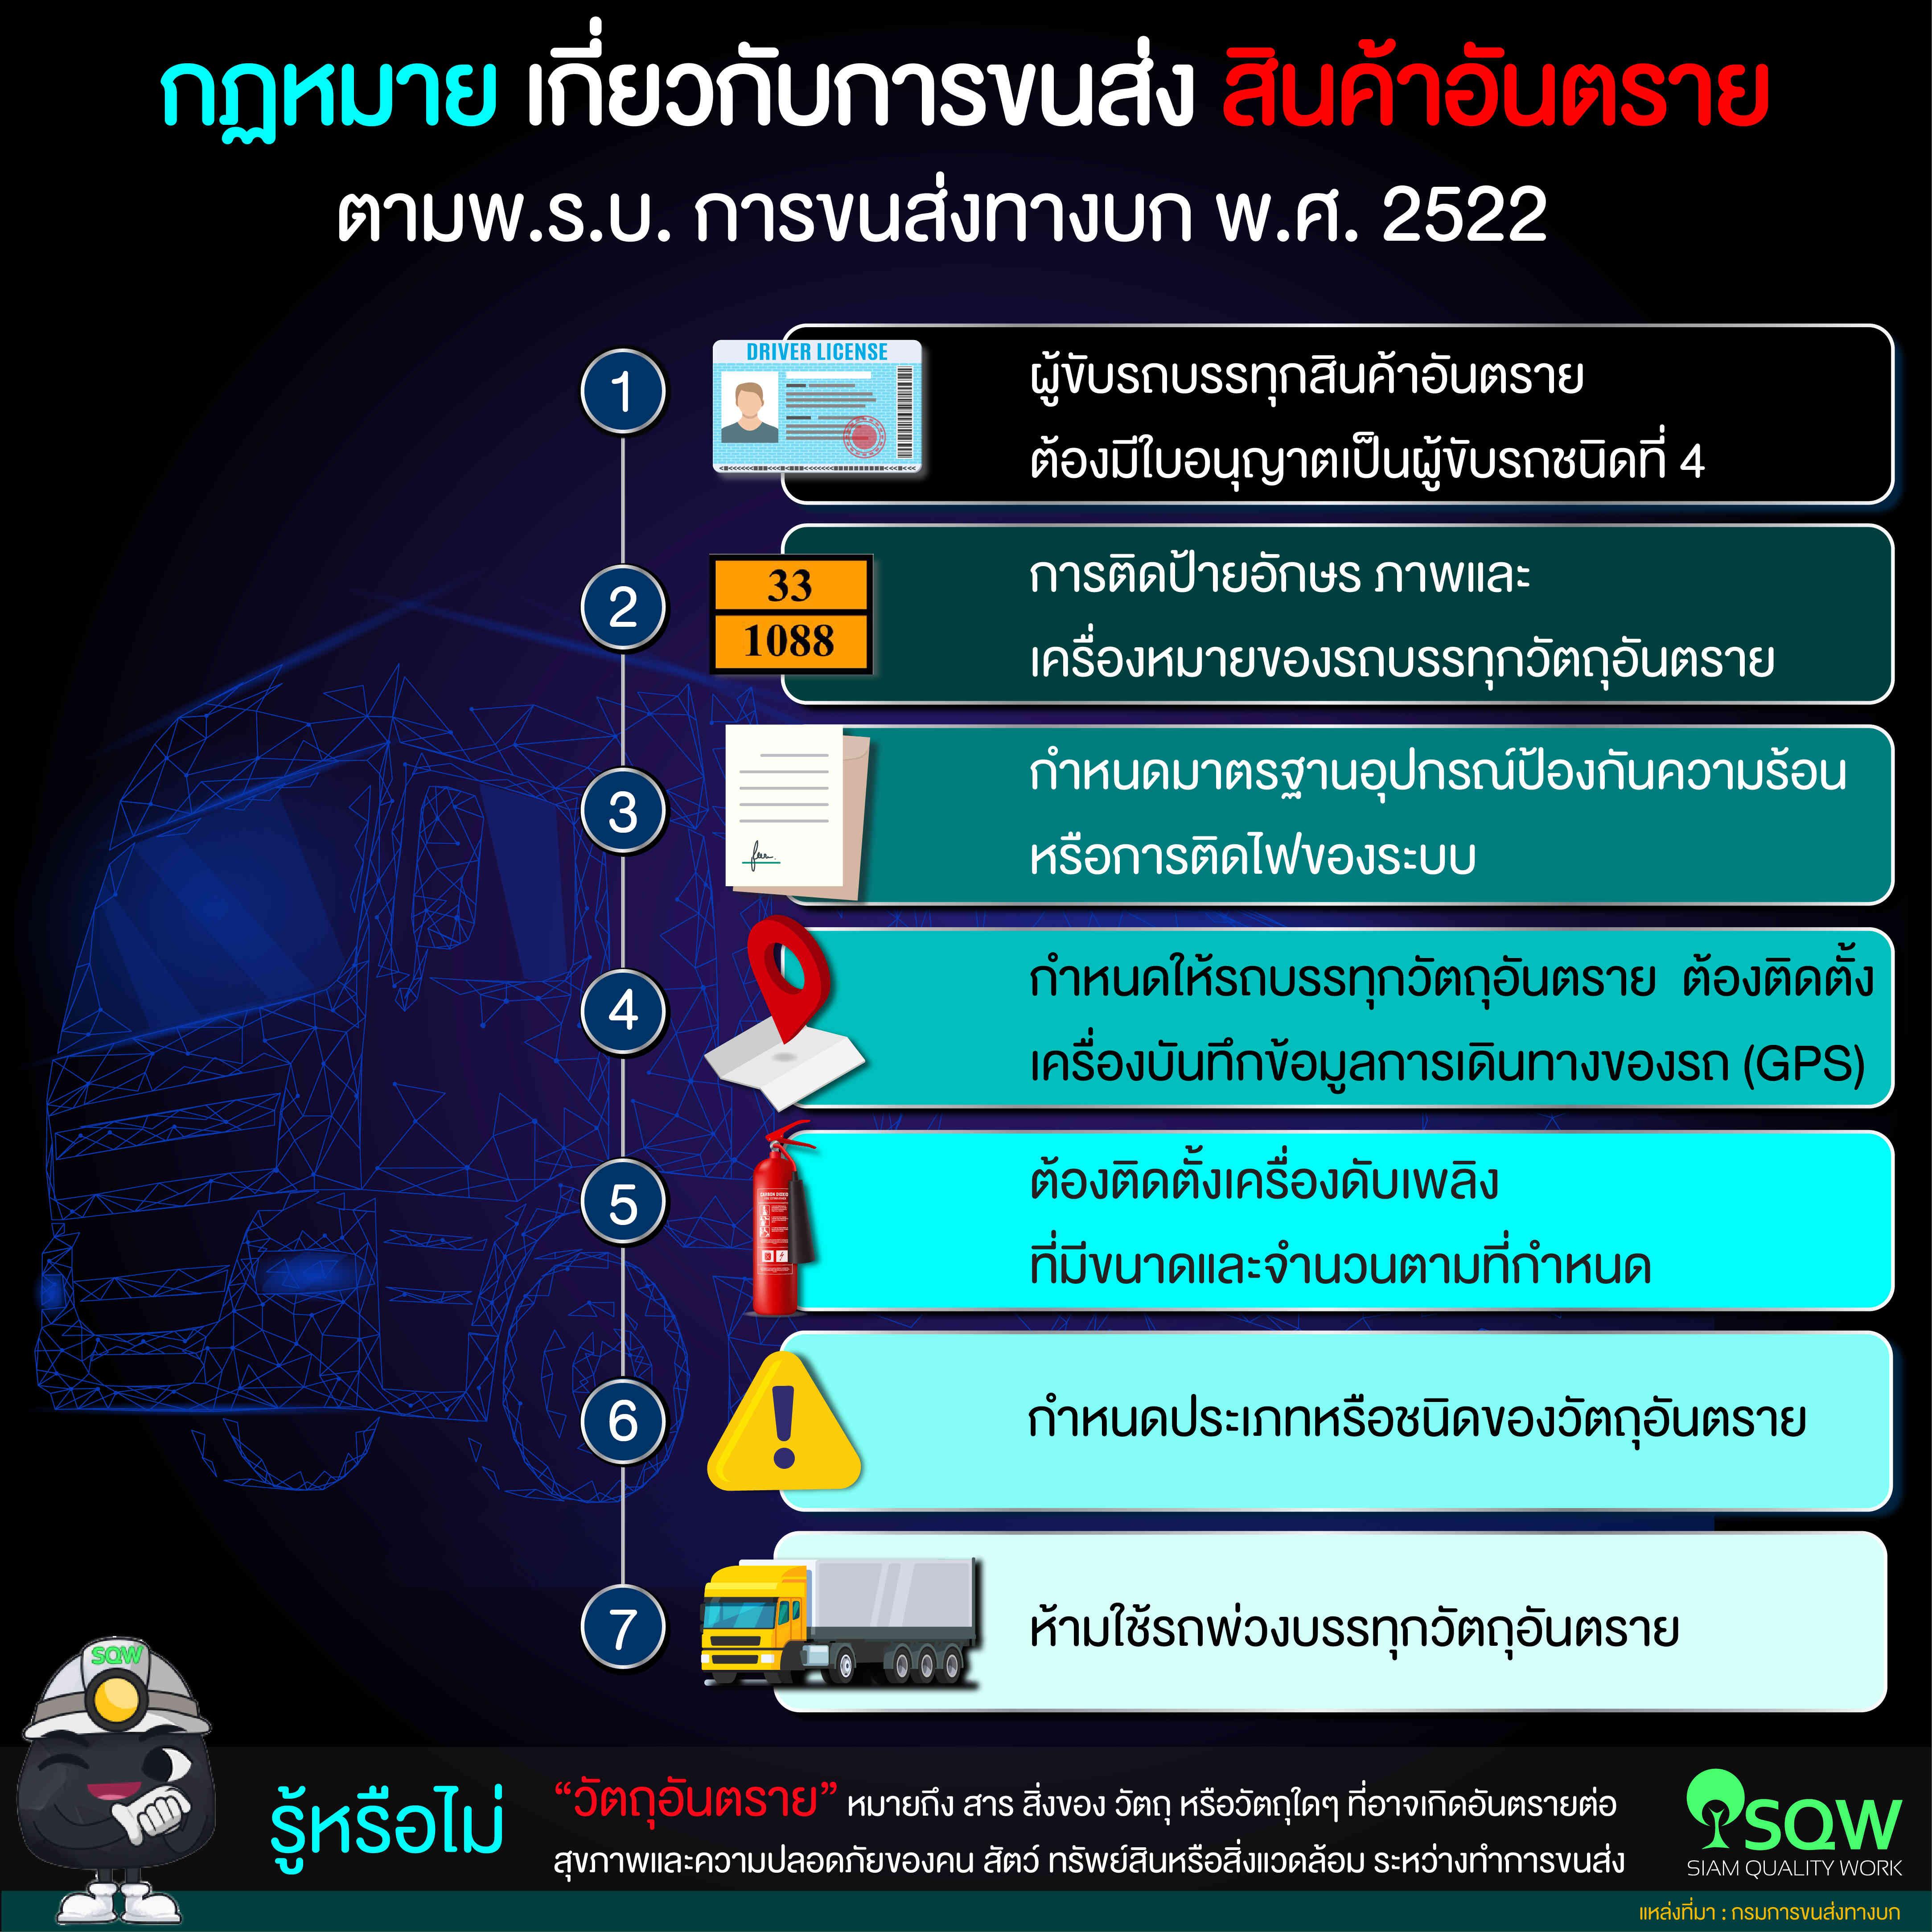 กฎหมายเกี่ยวกับการขนส่งสินค้าอันตราย ตาม พรบ. การขนส่งทางบก 2522